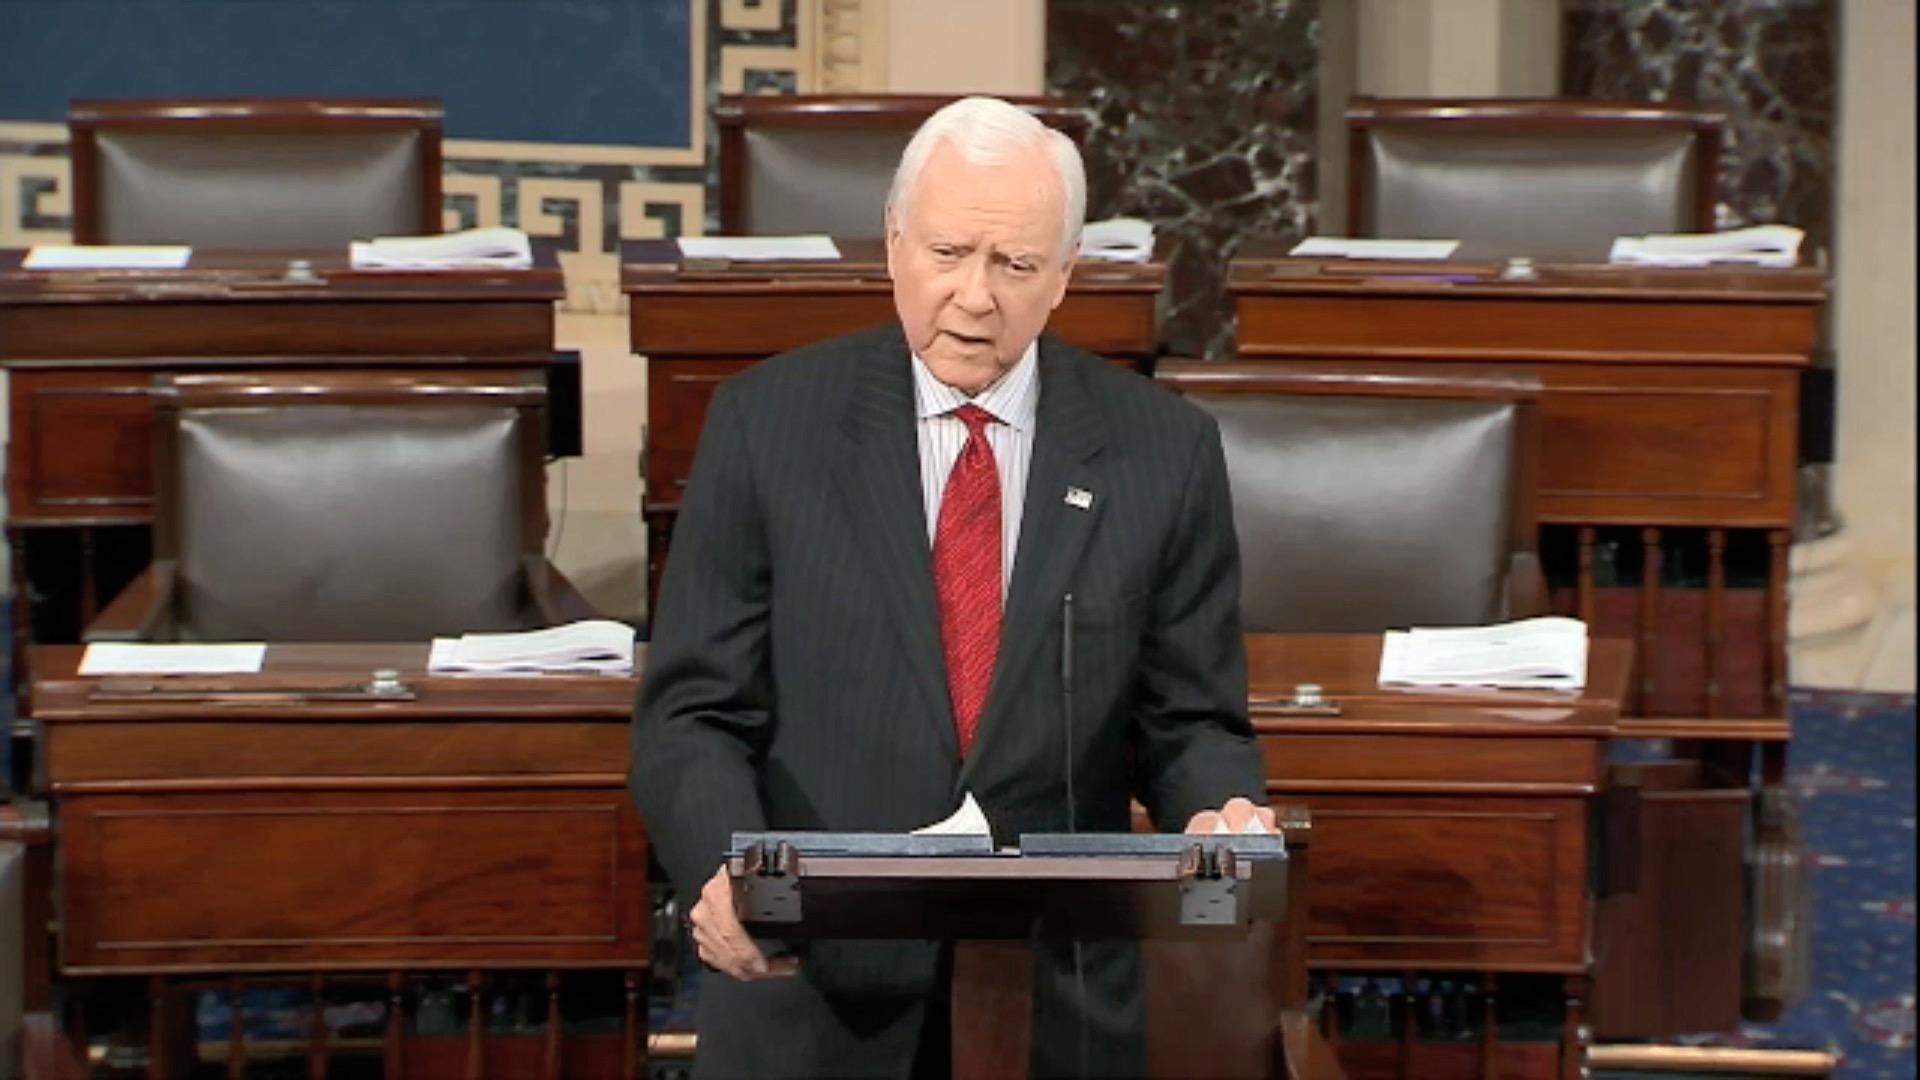 Senator Hatch Farewell Speech